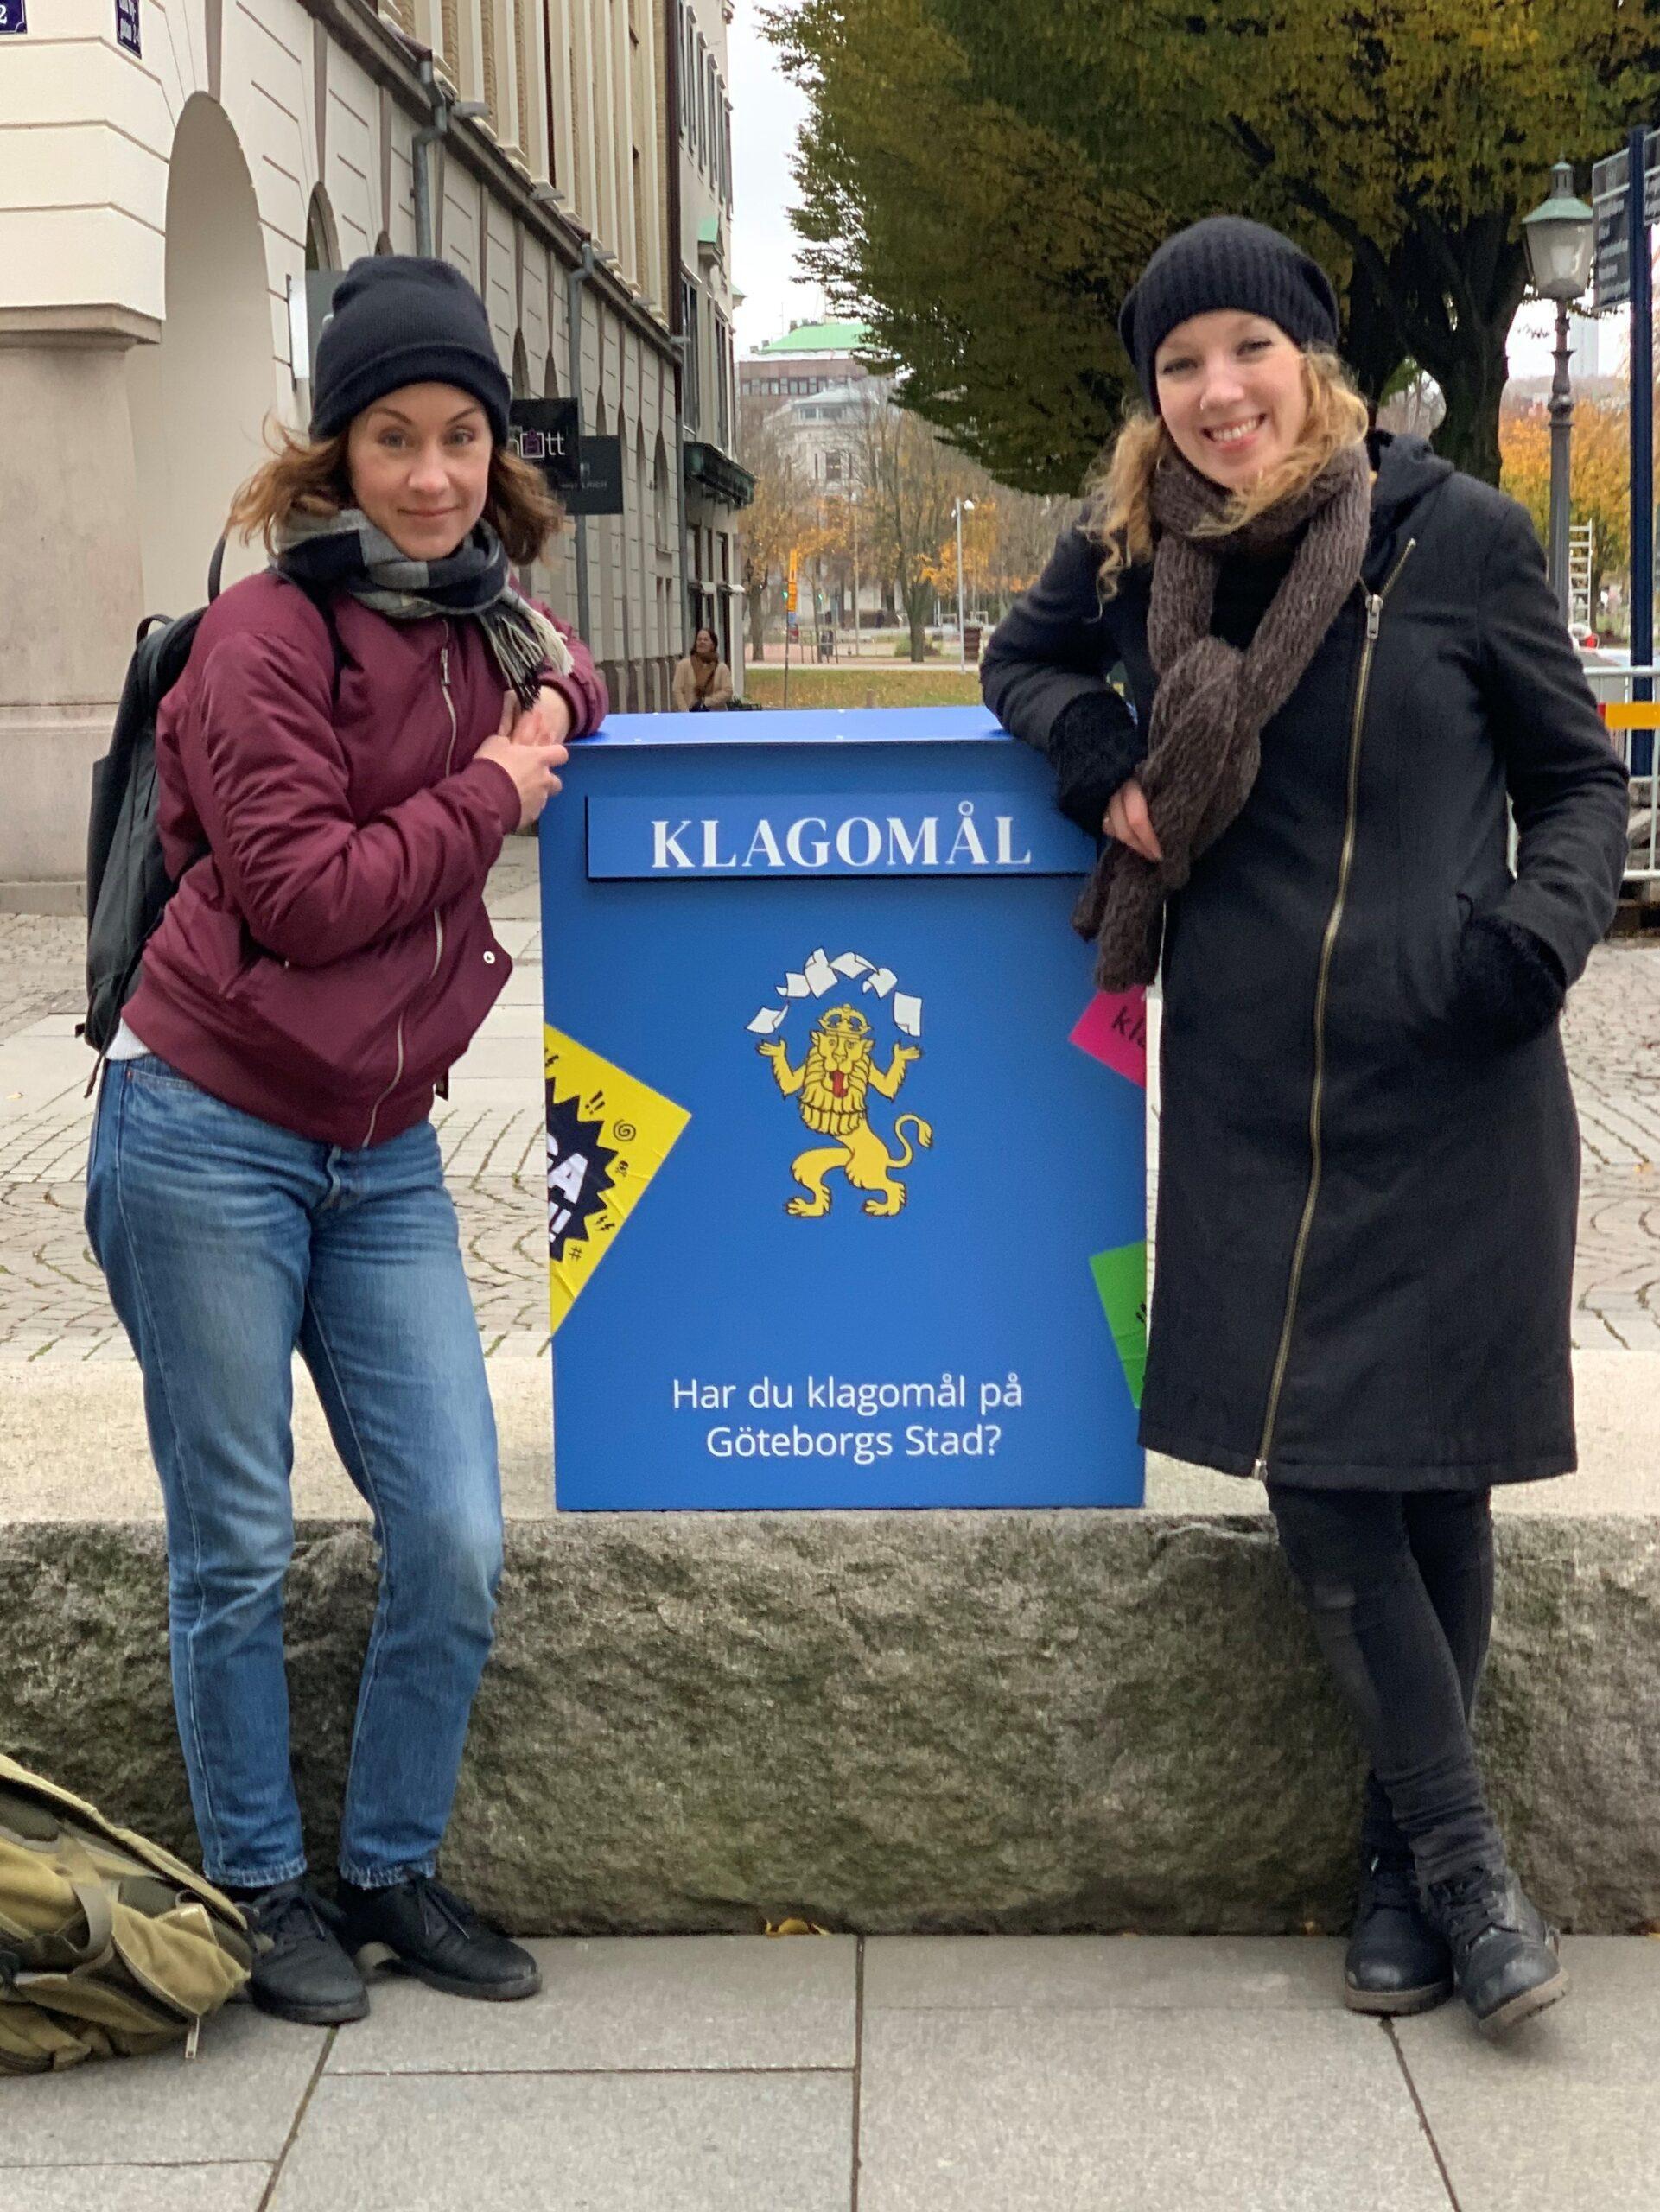 """Projektledarna Karin och My står på varsin sida om en blå låda med texten """"Klagomål"""" på. De lutar sig mot lådan och ler."""